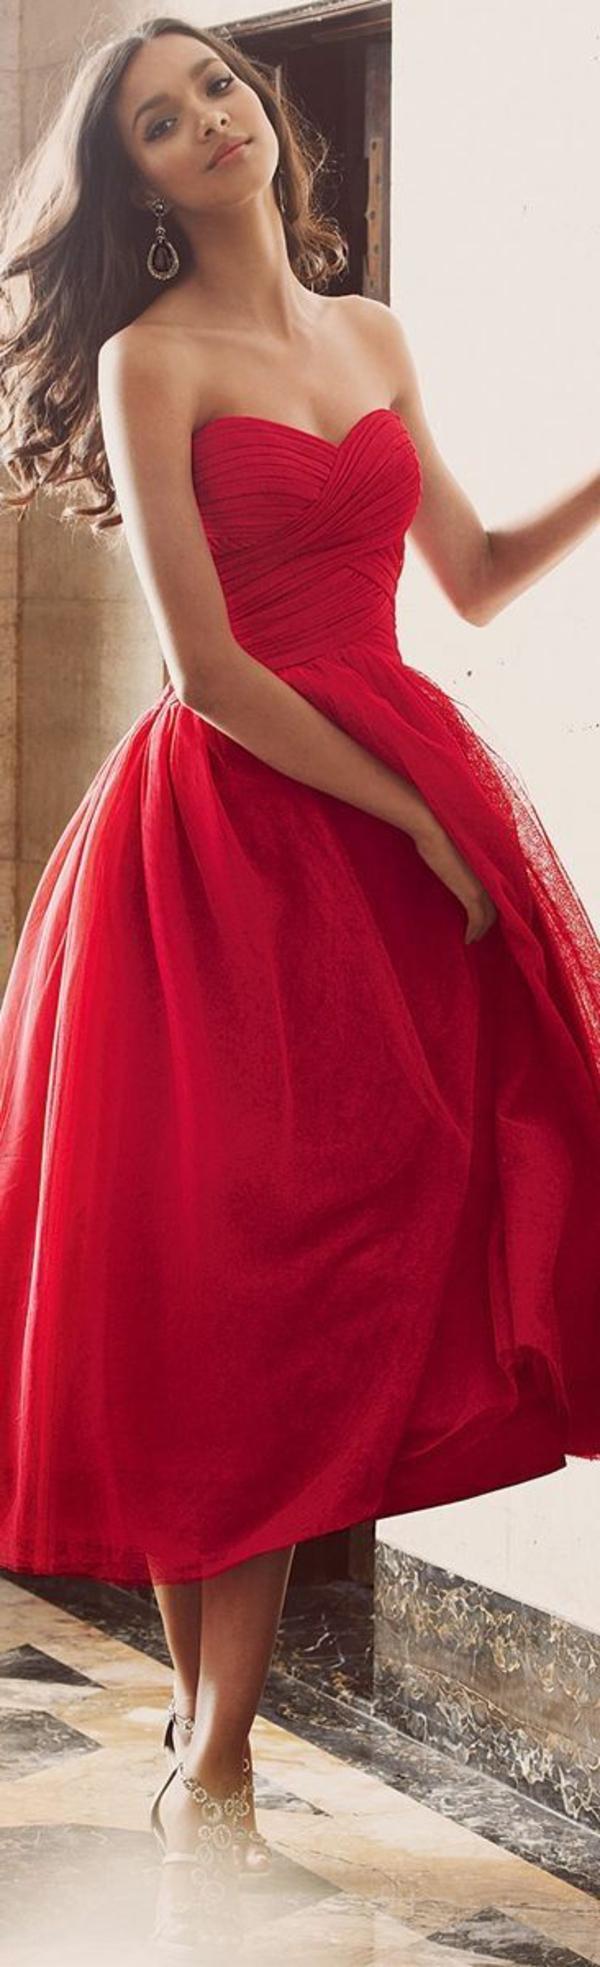 La robe bustier comment la porter for Robe de noel rouge